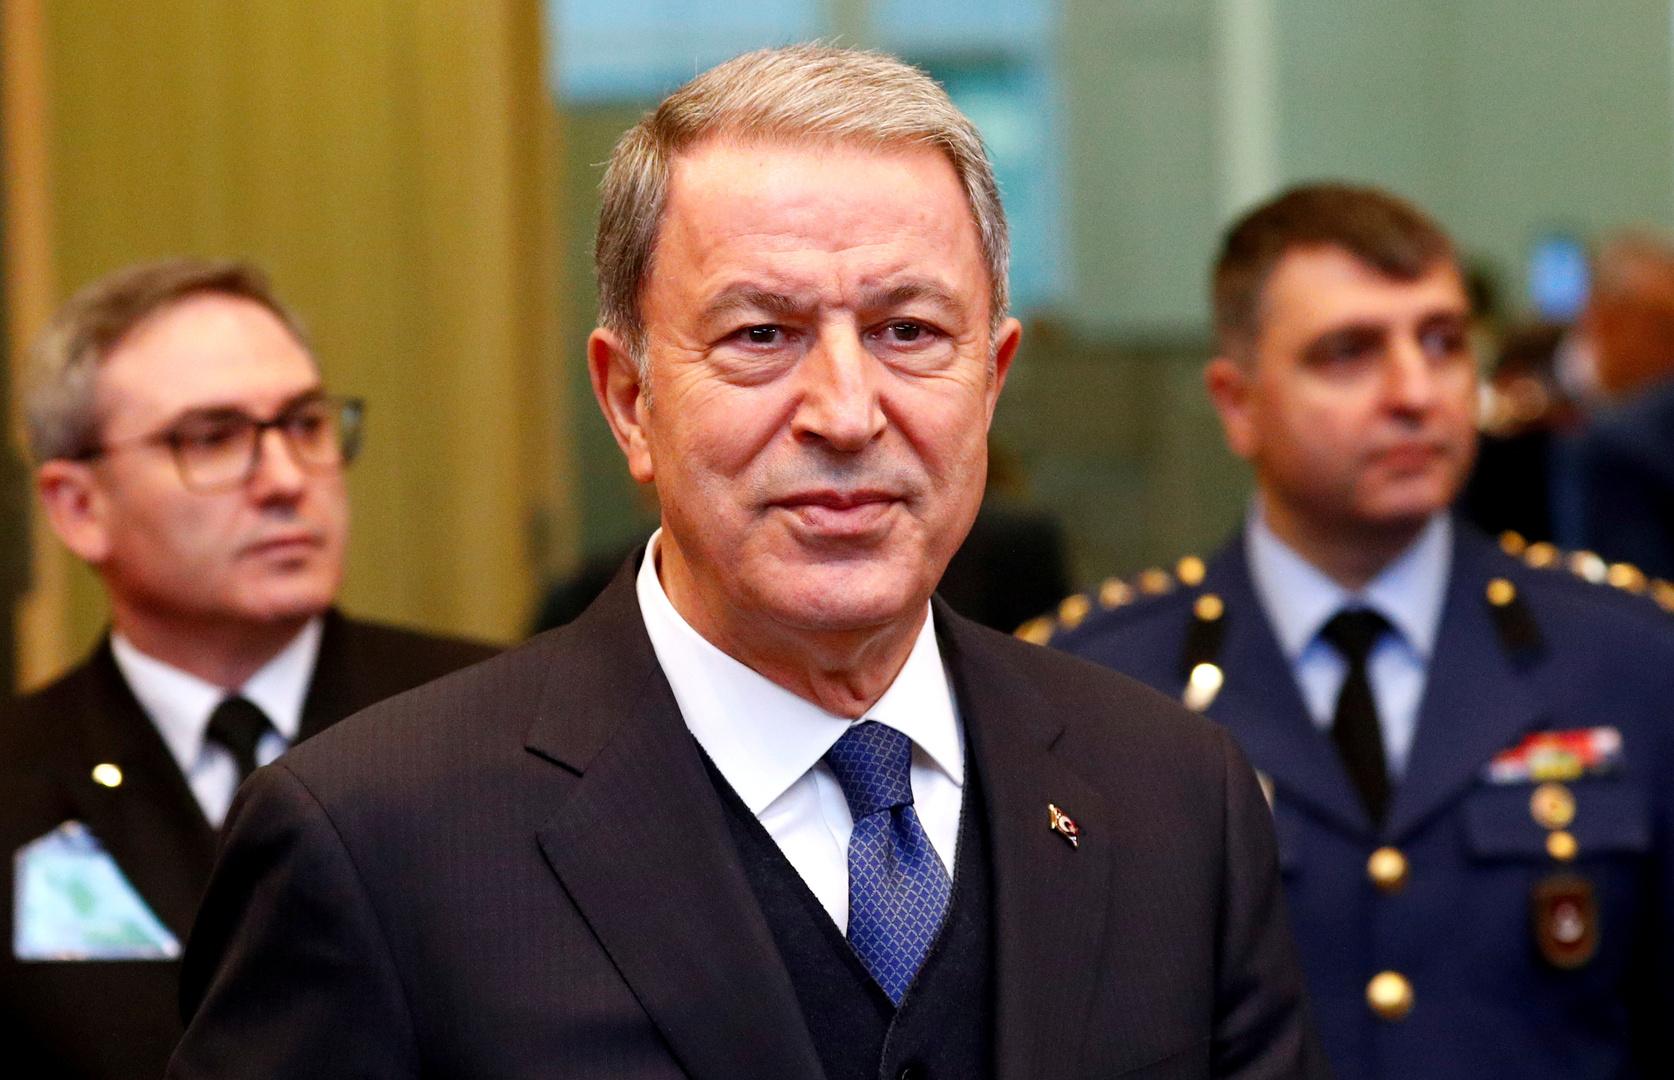 وزير دفاع تركيا خلال لقاء بمسؤول عسكري أذري: أرمينيا ستدفع الثمن